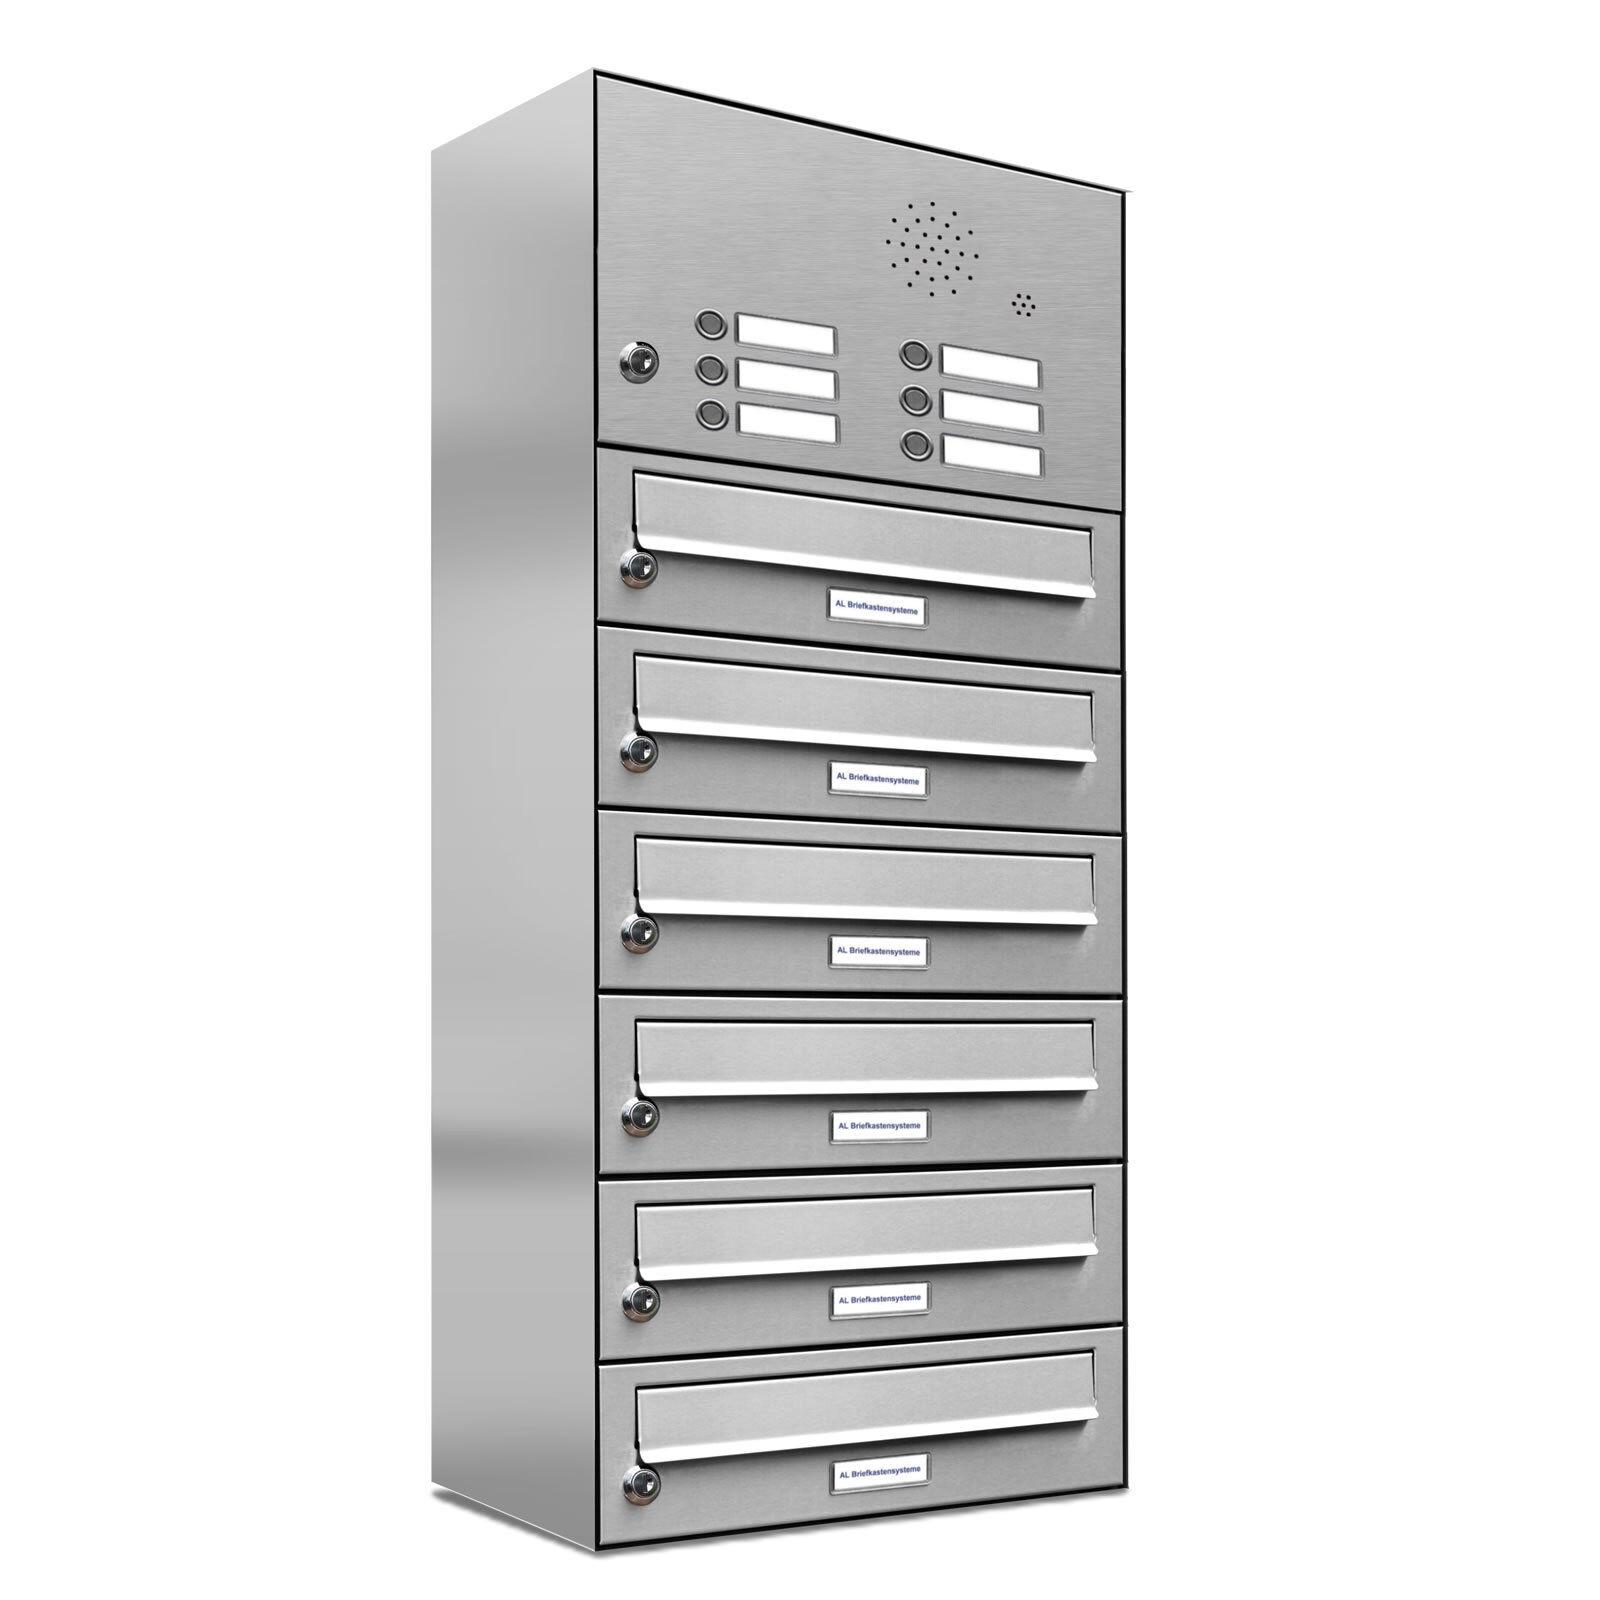 6er Premium Edelstahl Briefkasten Anlage mit Klingel 6 Fach Postkasten Wand